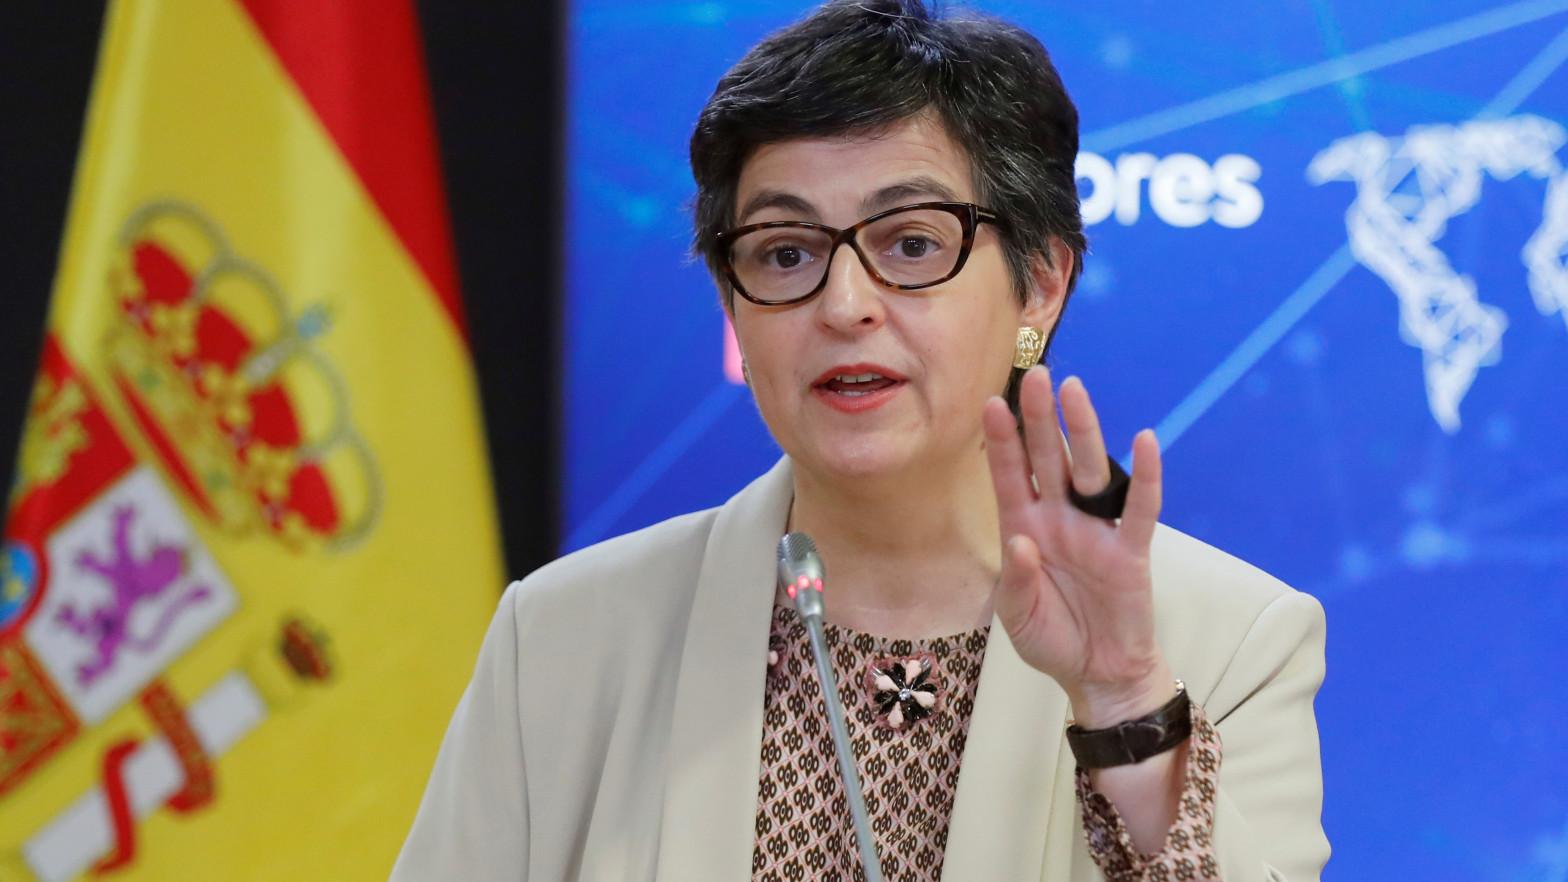 España incluye a Israel en la lista de países que no se ven afectados por las restricciones en las fronteras de la UE